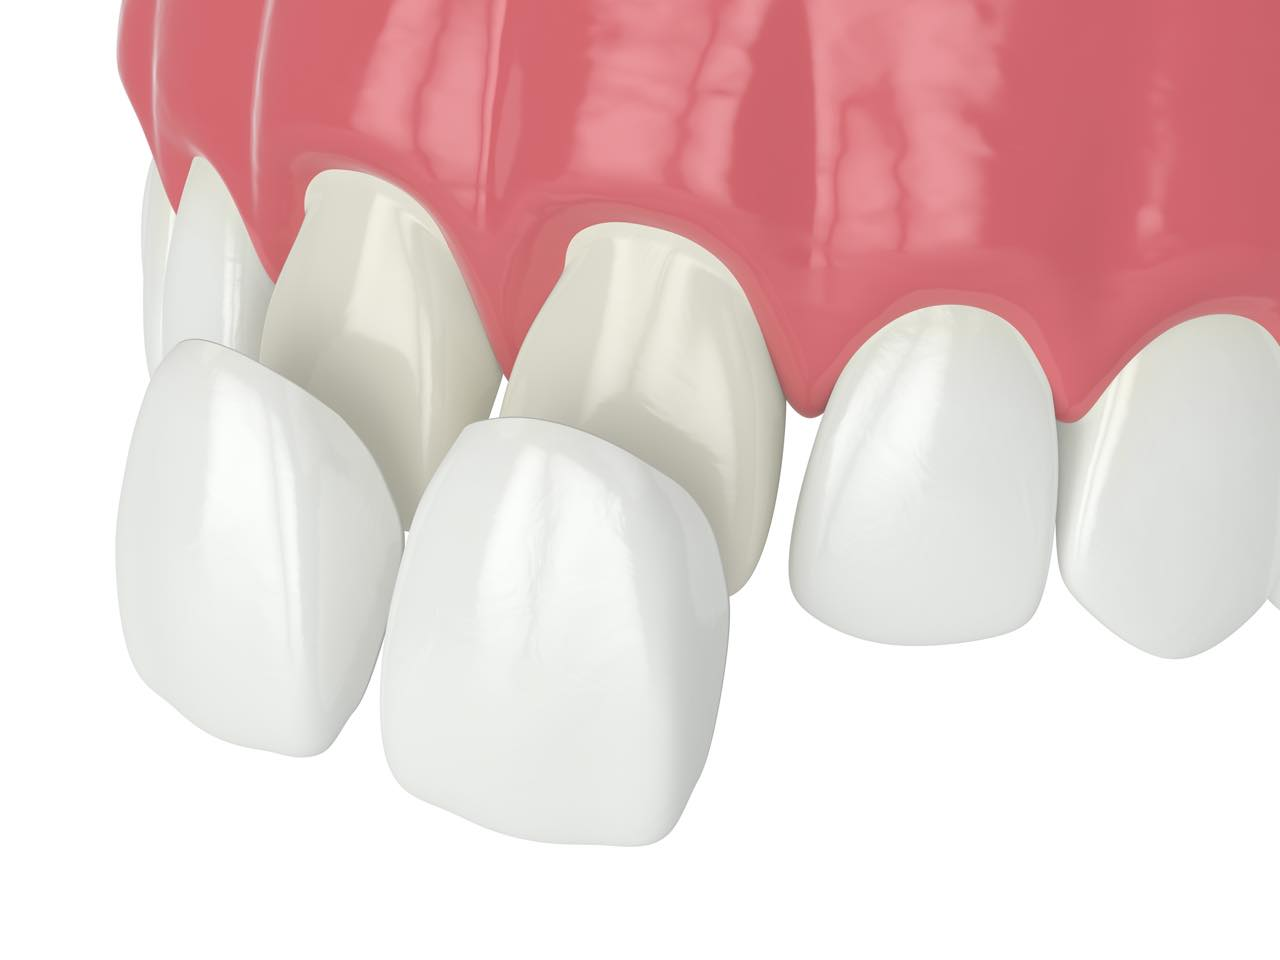 ラミネートベニアで出っ歯は改善できますか?